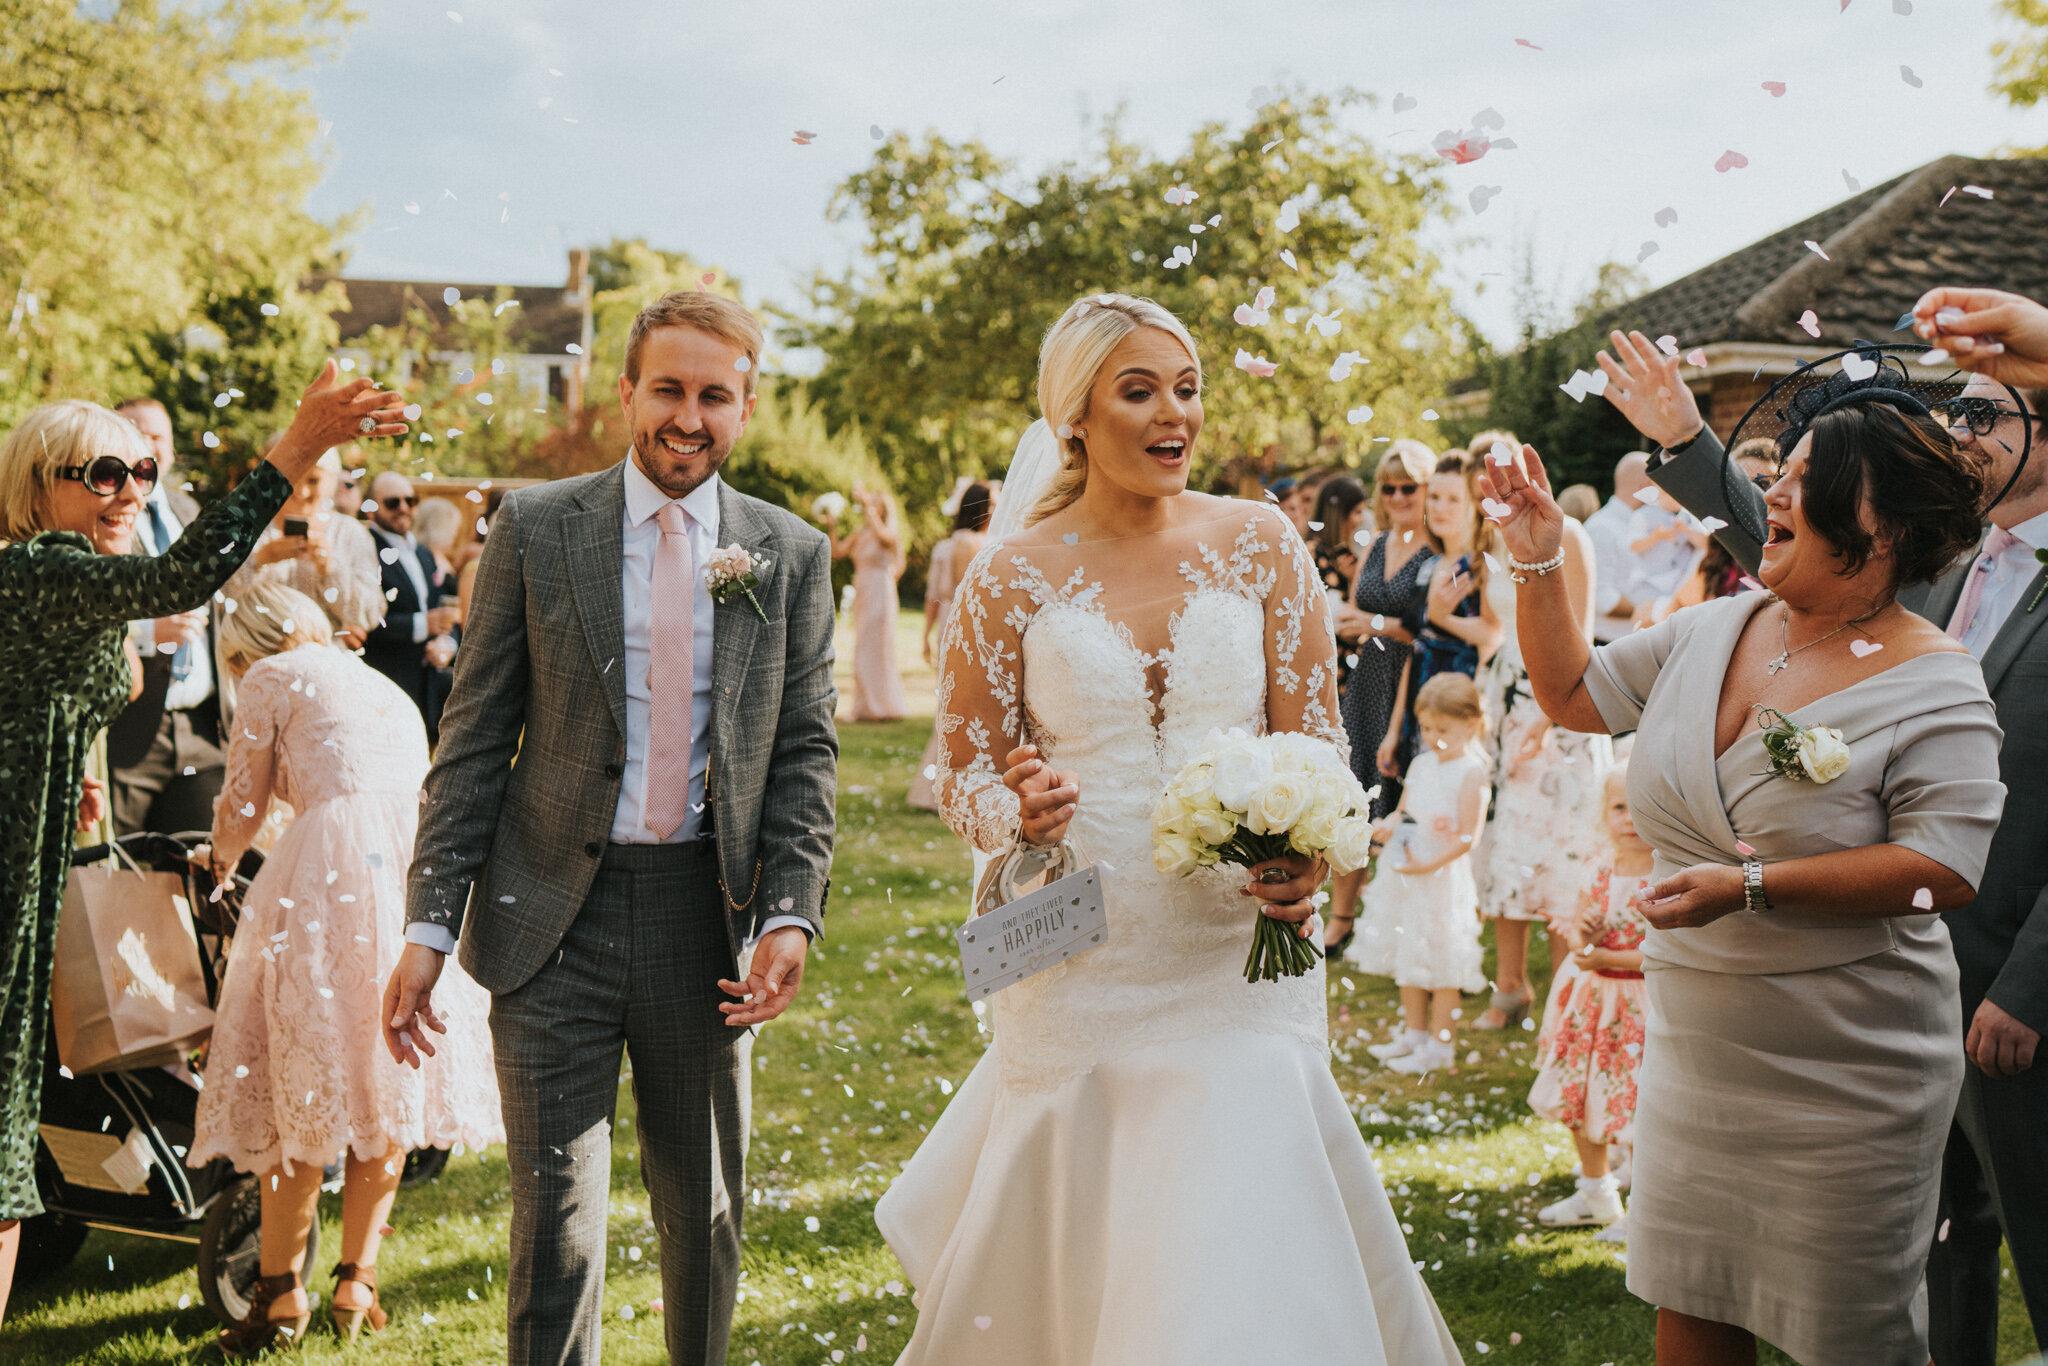 amy-ross-diy-garden-wedding-grace-elizabeth-colchester-essex-suffolk-devon-norfolk-wedding-lifestyle-photographer (32 of 51).jpg